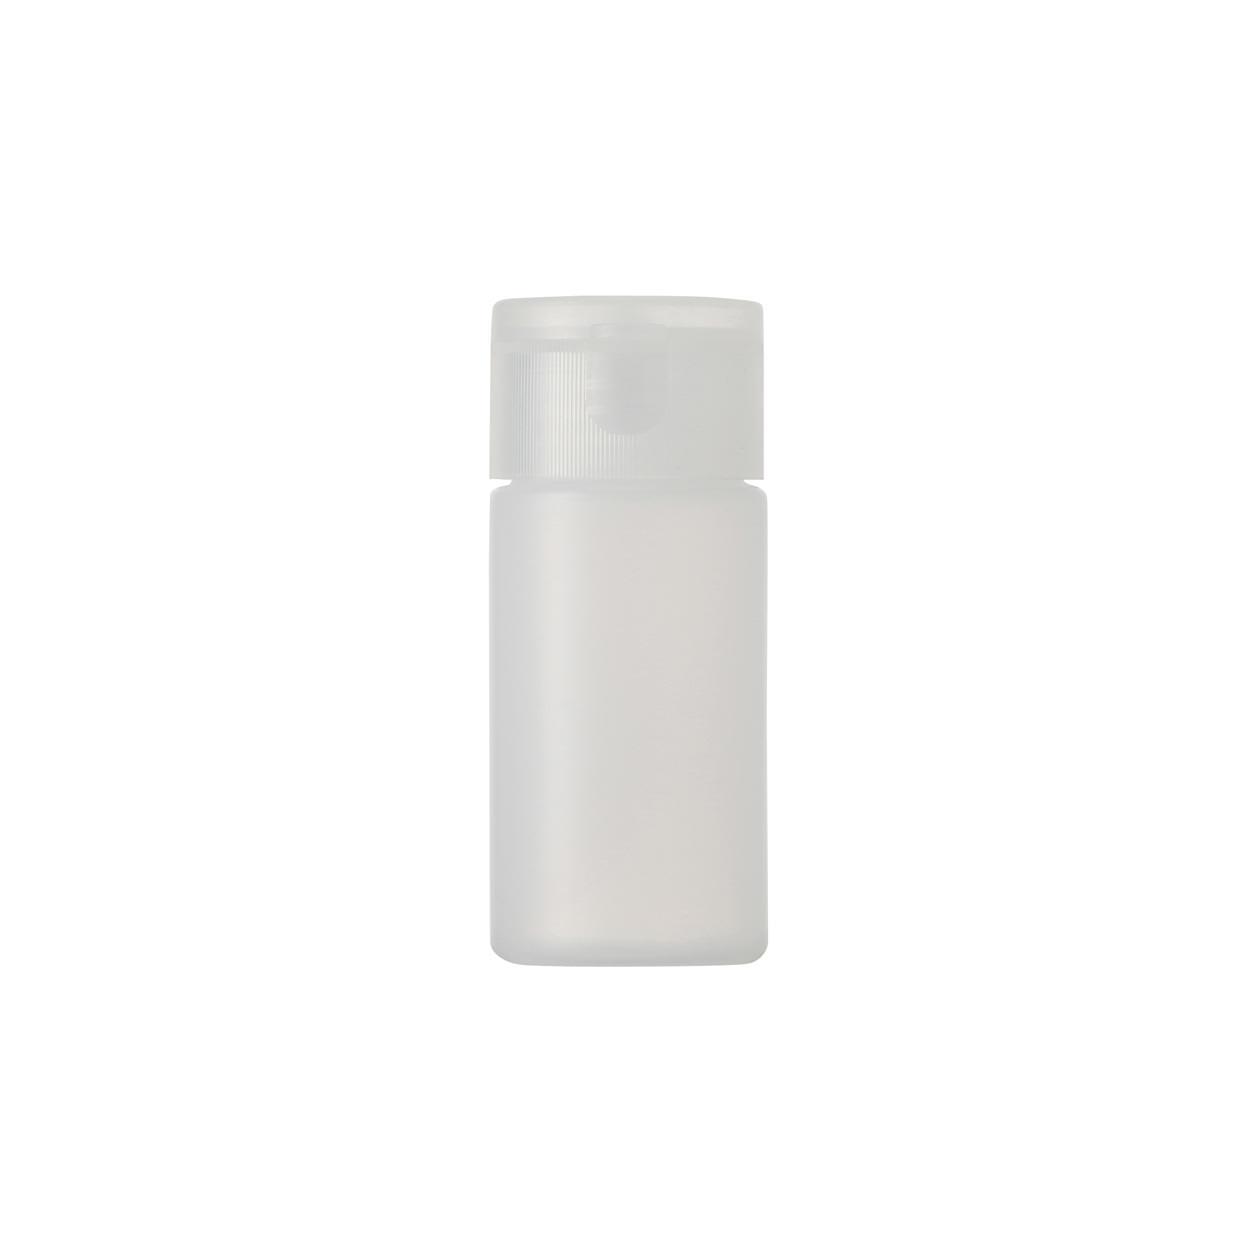 ポリエチレン小分けボトルワンタッチキャップ・30ml 30ml | 無印良品ネットストア